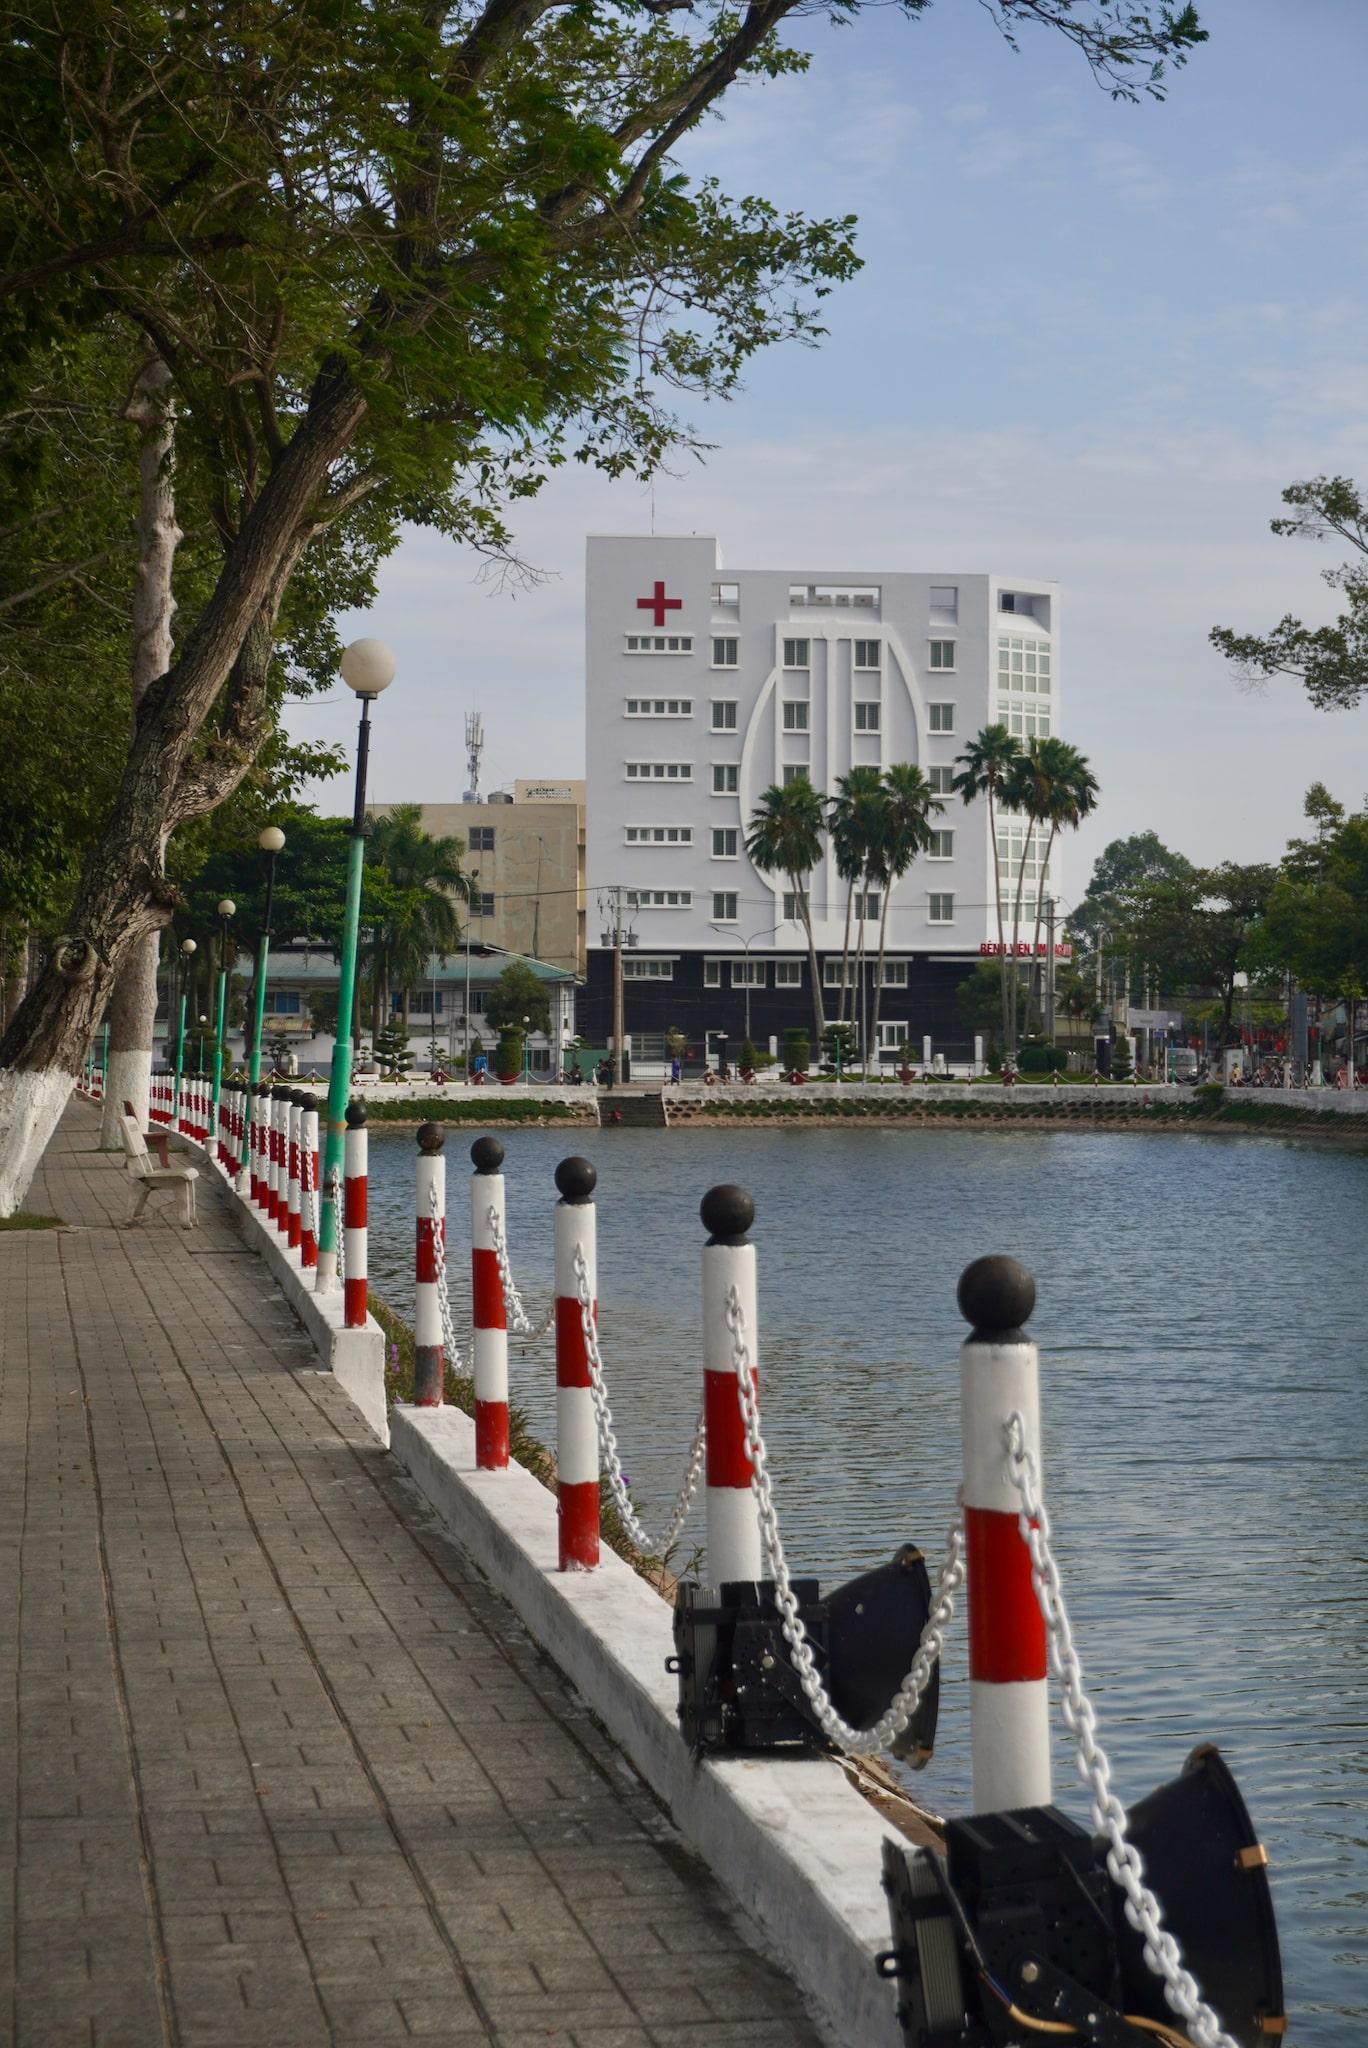 The Heart Hospital of An Giang as seen from Nguyen Du Lake of Long Xuyen City. Photo: Xuan Tung / Tuoi Tre